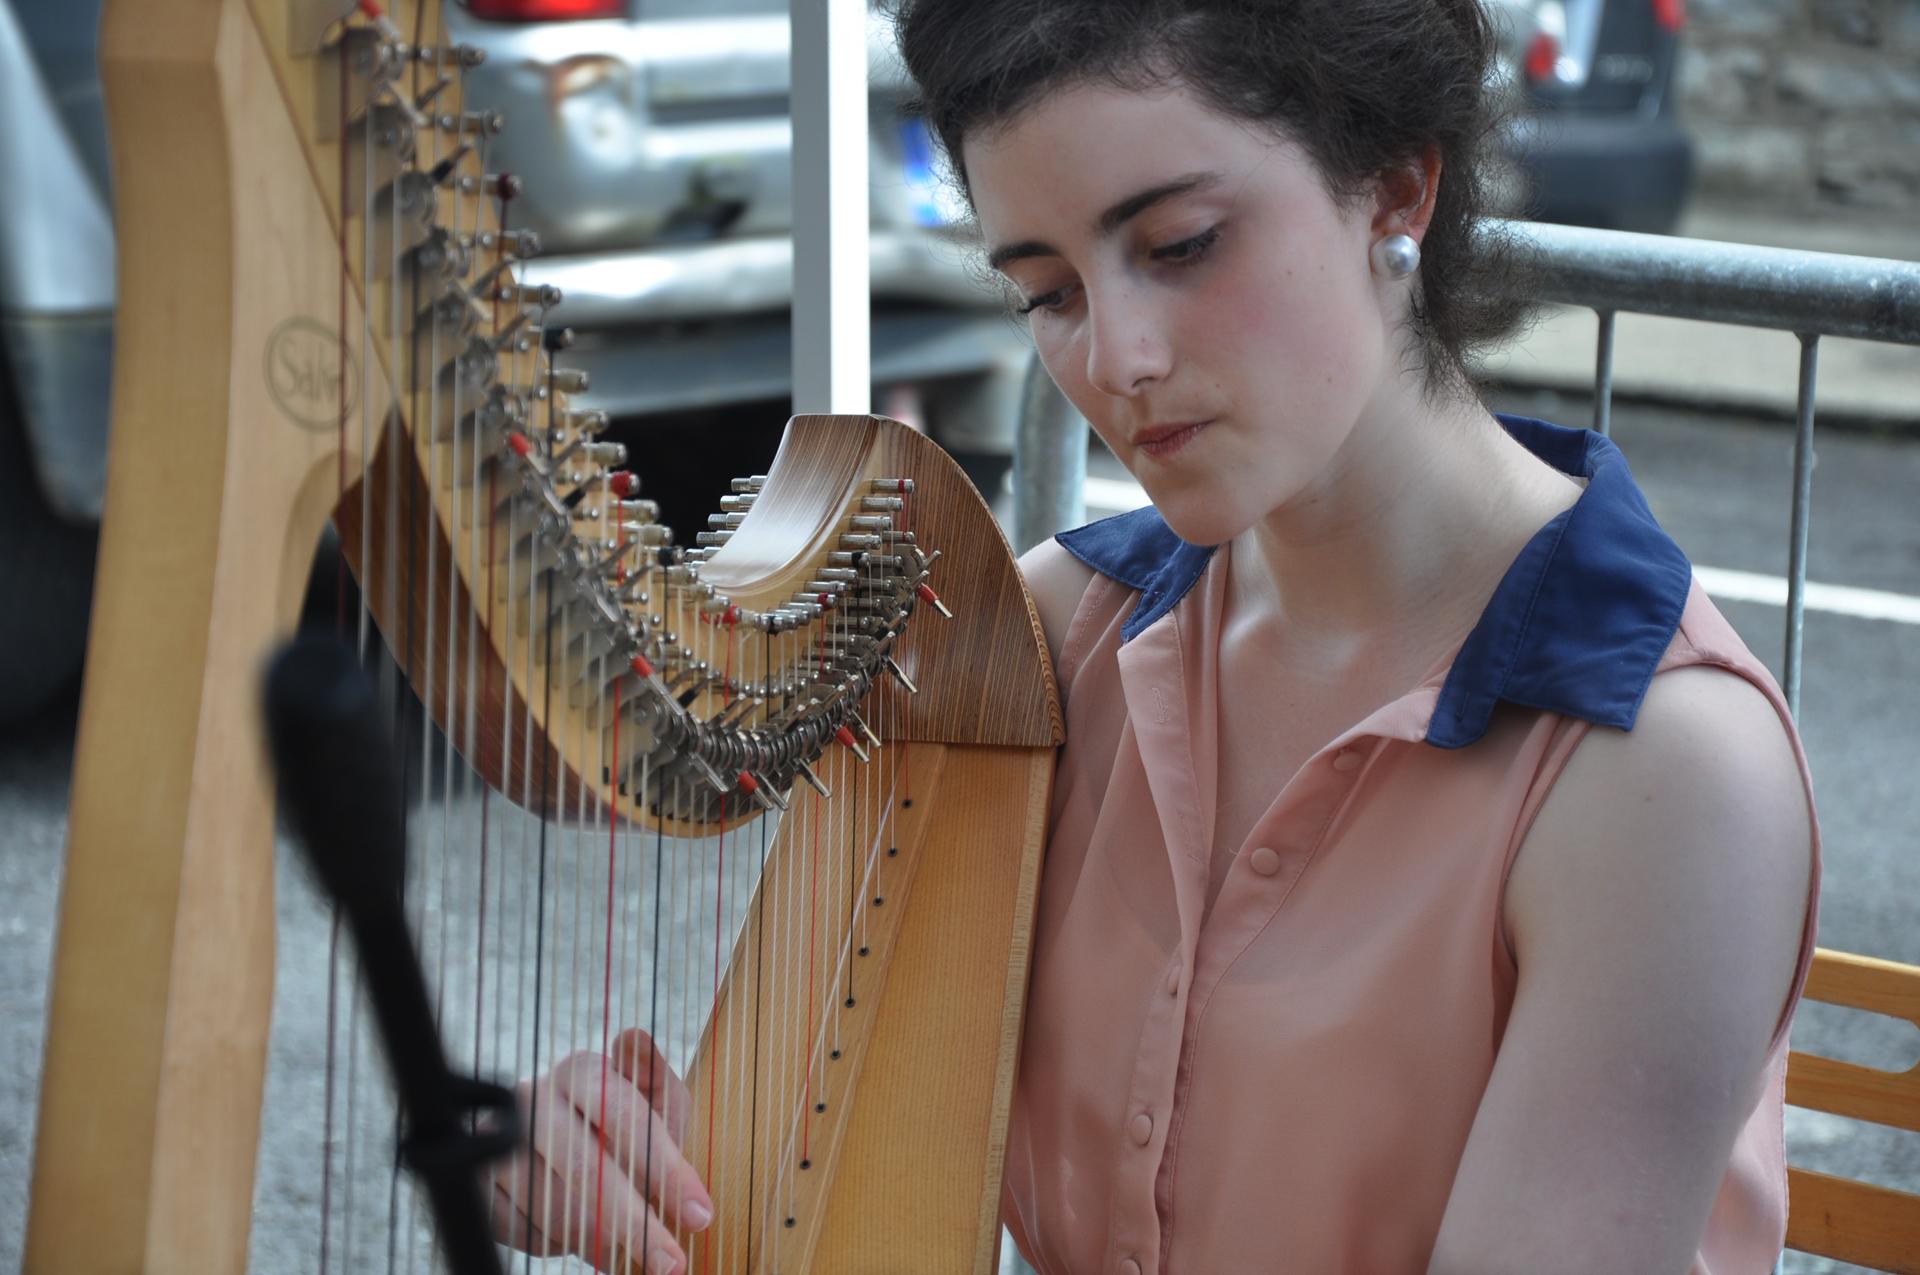 נבל - אירלנד - מוזיקה - יואל שתרוג - אדמה יוצרת - yoel sitruk